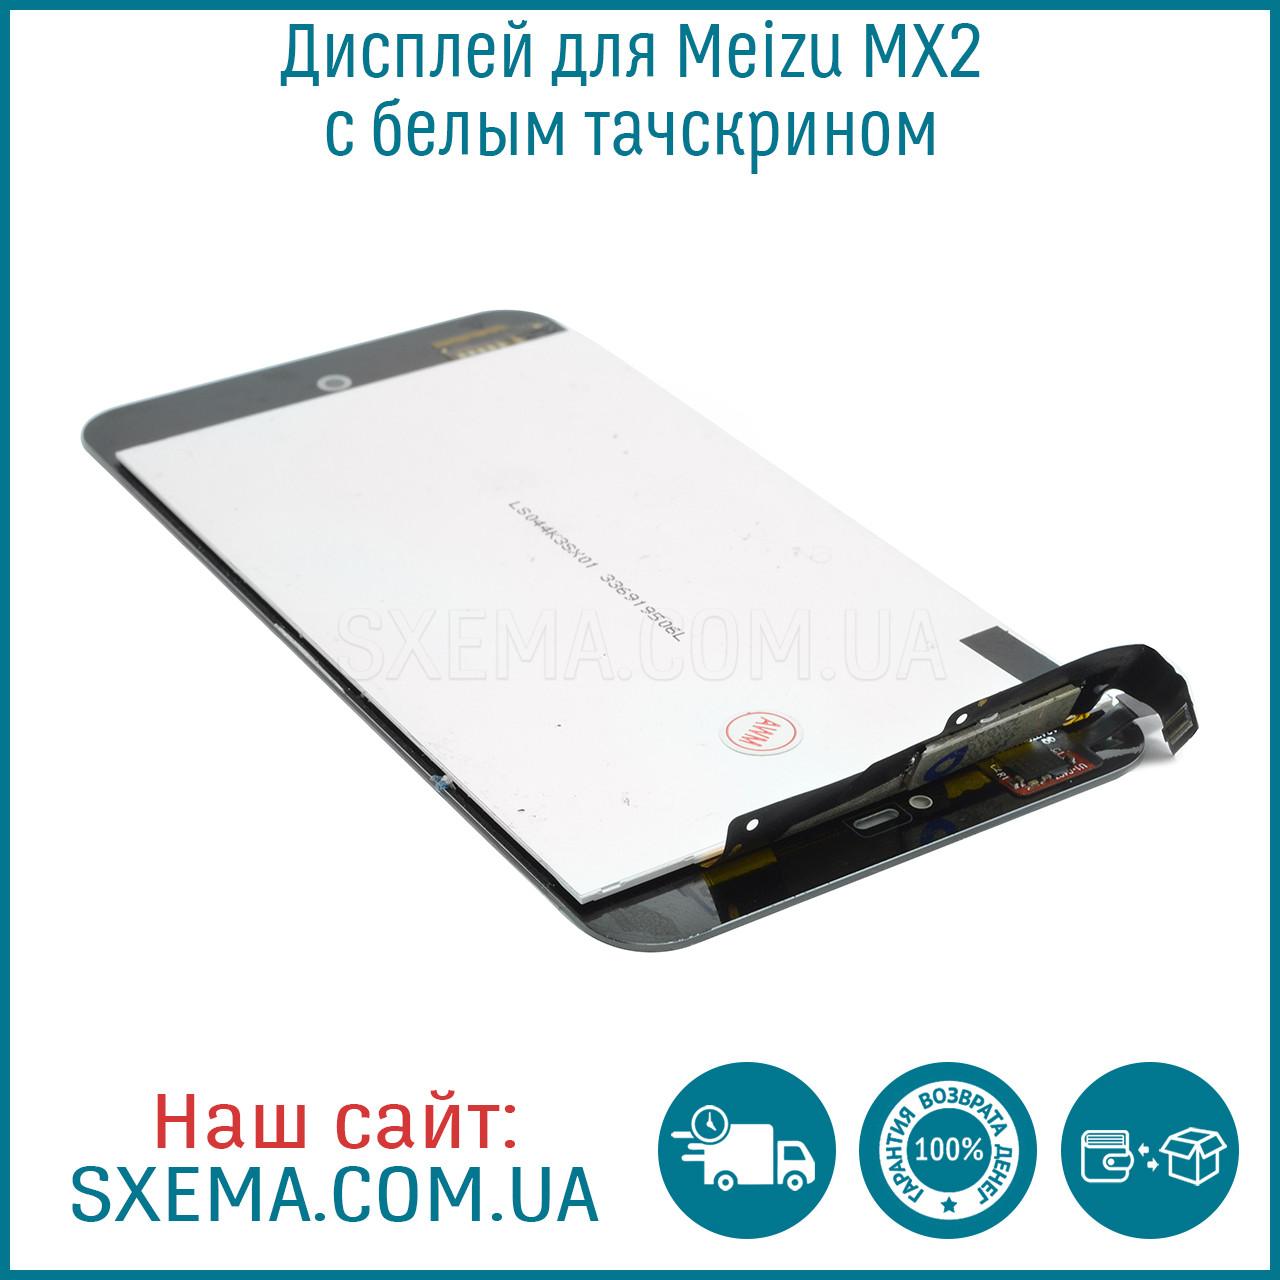 Дисплей для Meizu MX2 с белым тачскрином оригинал